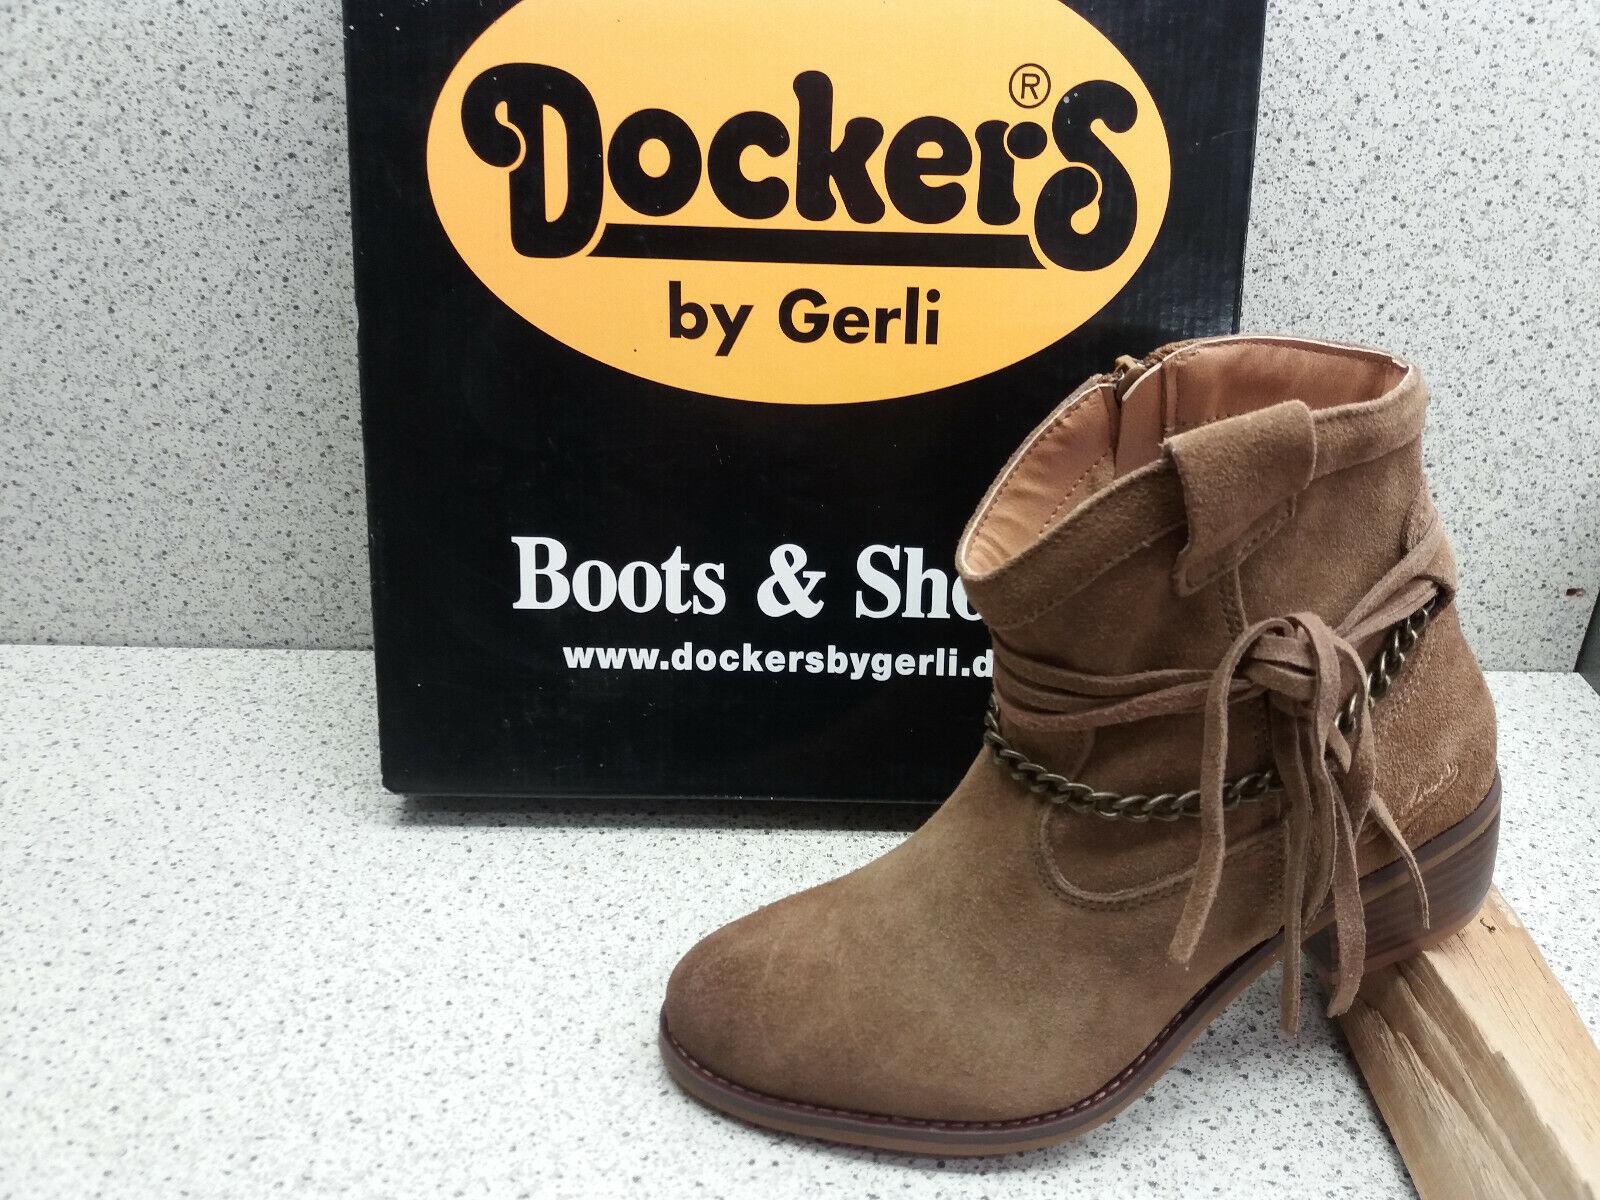 Dockers ® Western botas de cuero botín par individual precio (d513)